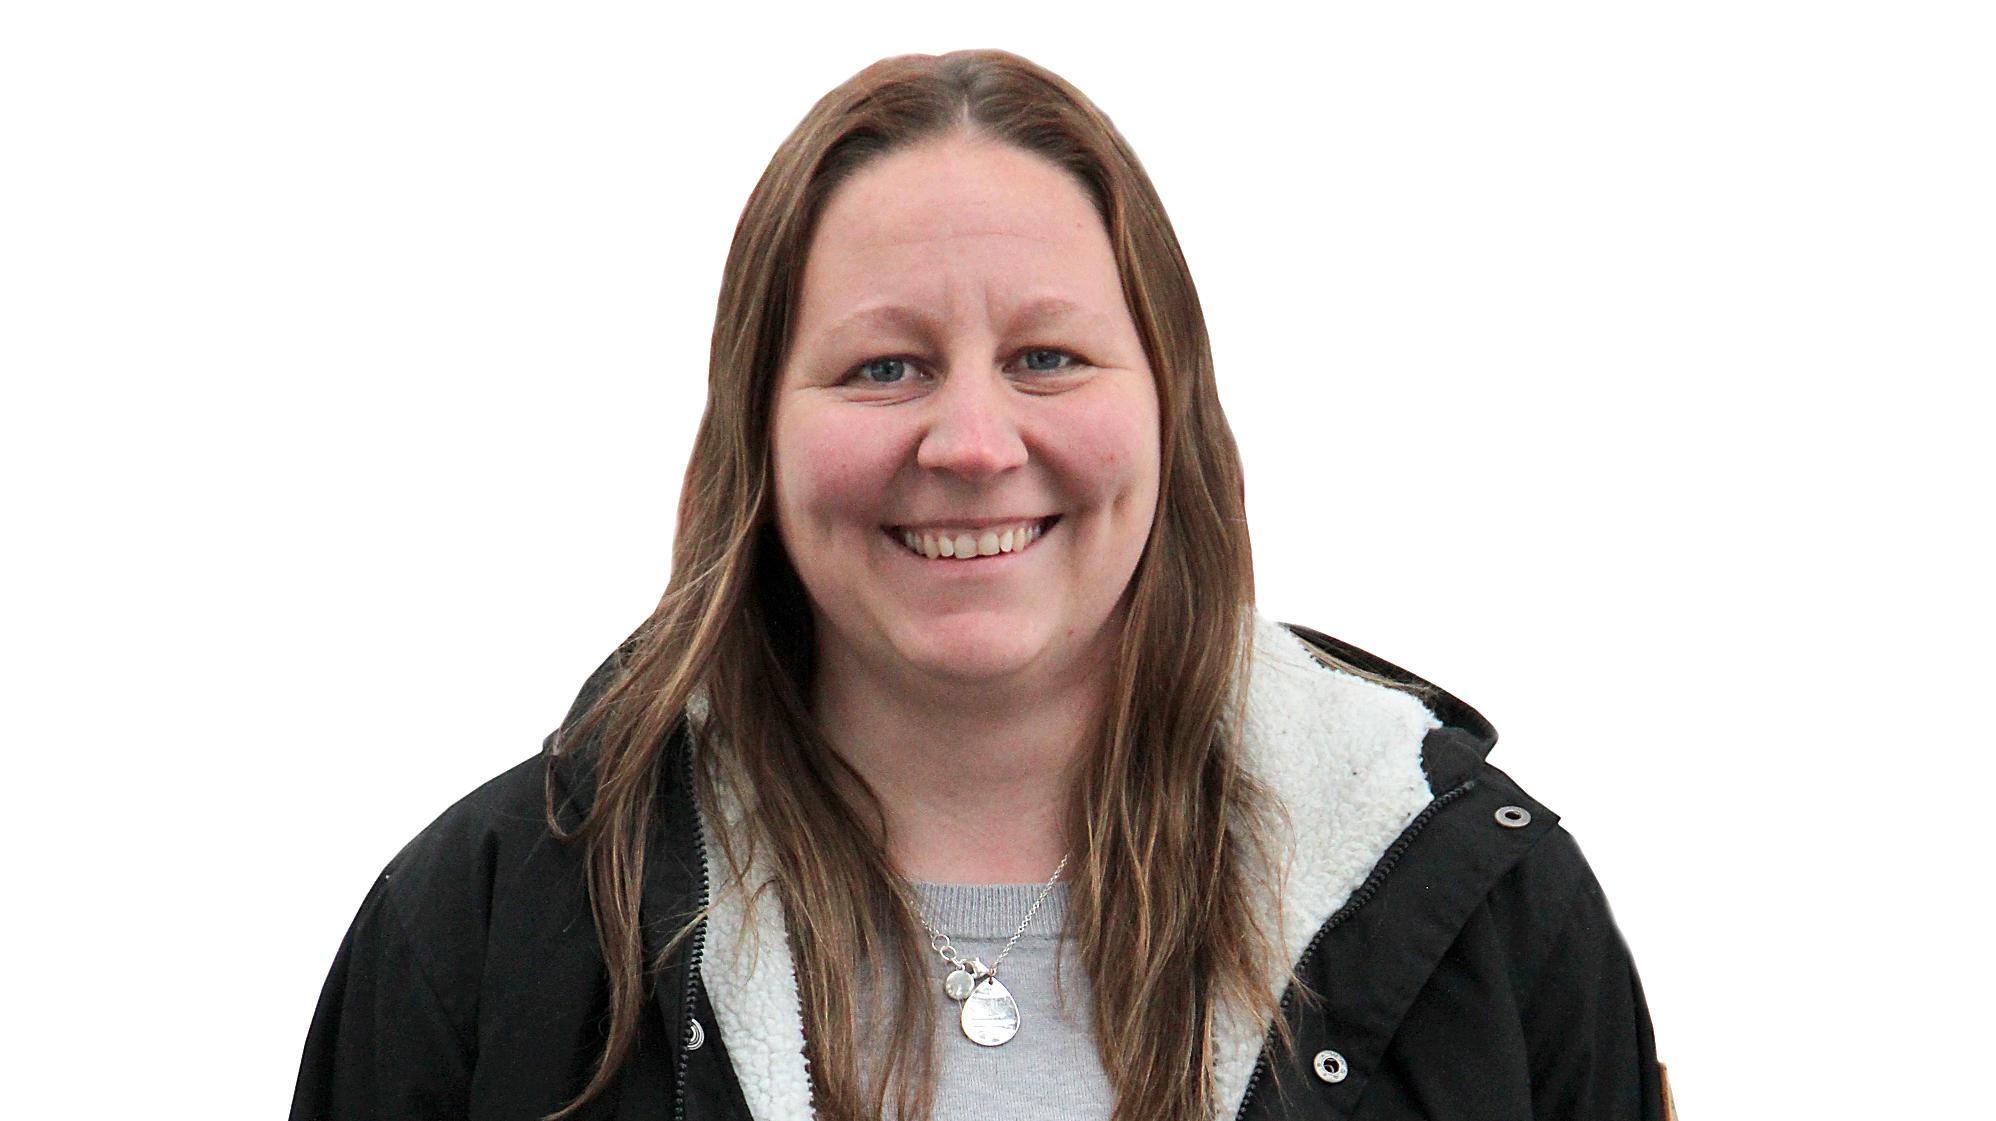 Bilden föreställer en leende kvinna med långt, brunt hår. Hon har på sig en mörk, uppknäppt jacka och en grå tröja. Runt halsen har hon en tunn kedja med ett droppformat metallhänge på.